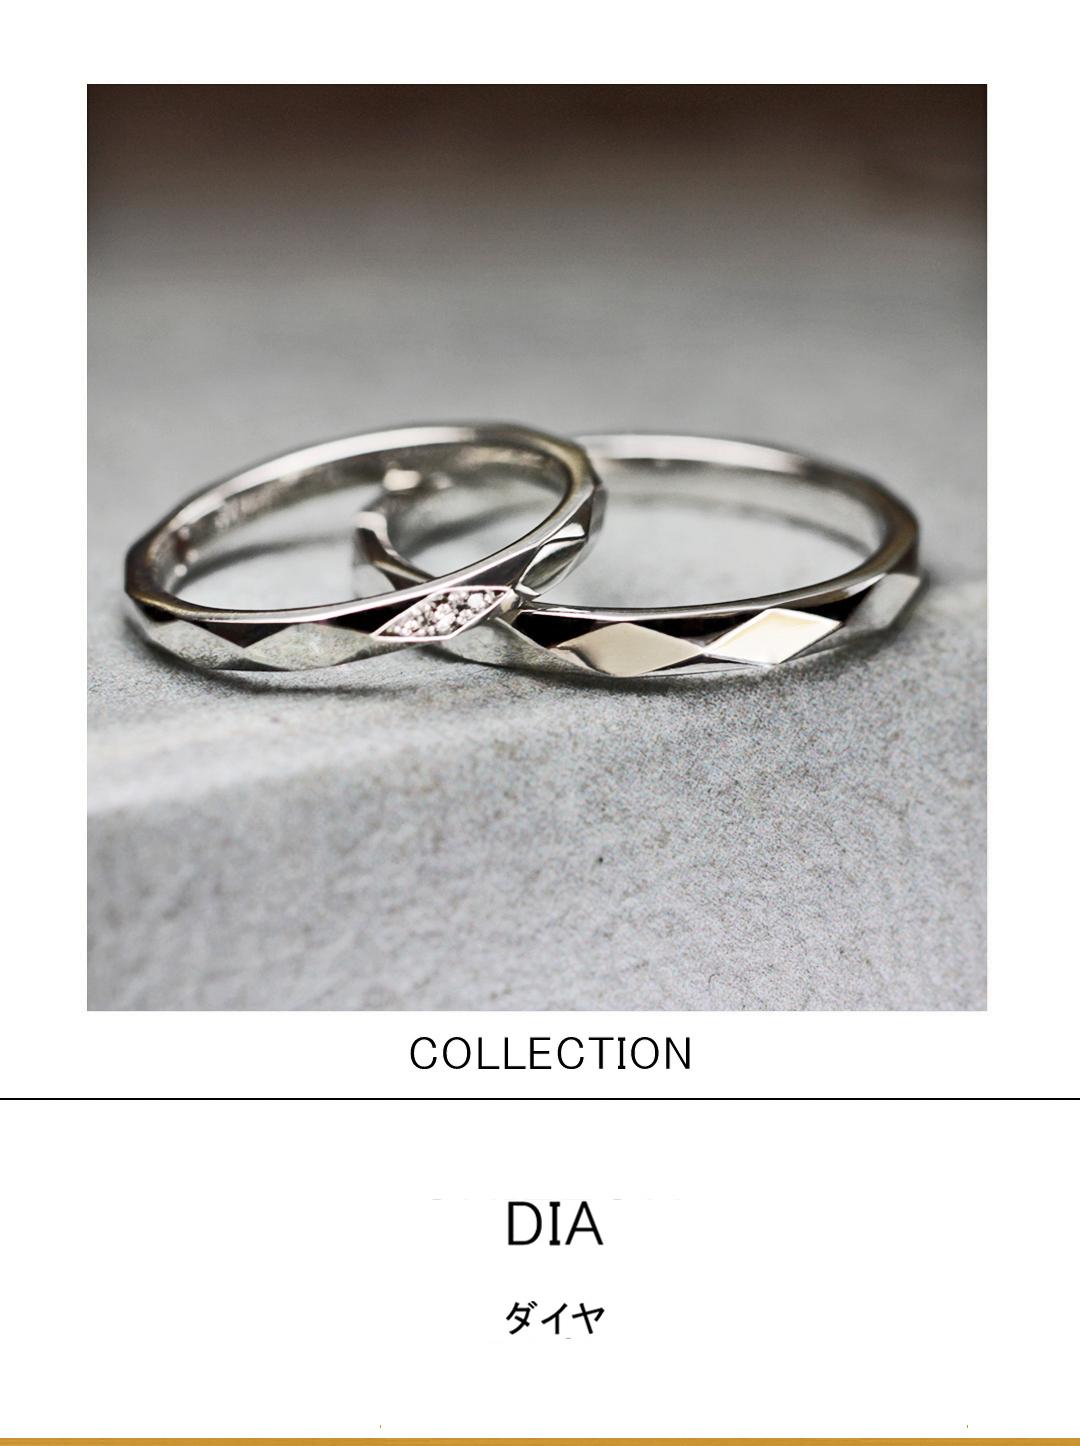 トランプのダイヤをリング一周にデザインしたプラチナの結婚指輪のサムネイル